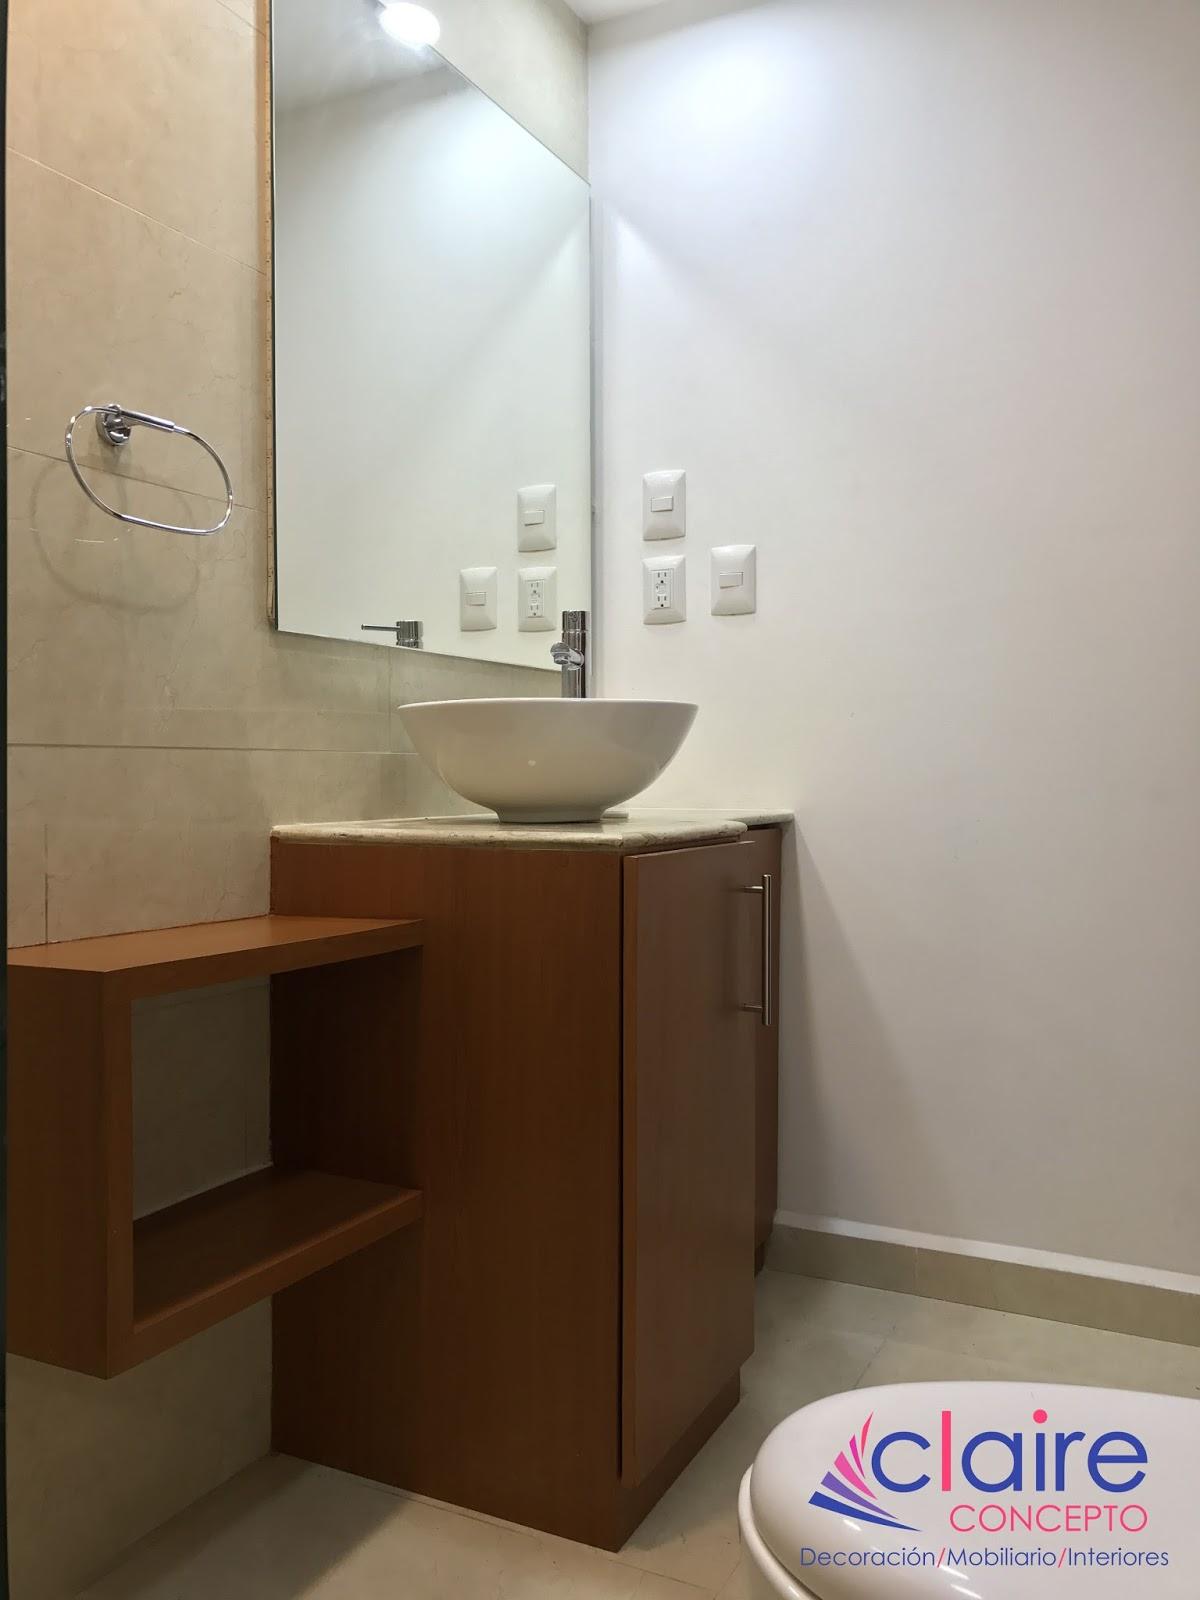 Diseño De Baño Diseño De Interiores Diseño De Muebles A La Medida